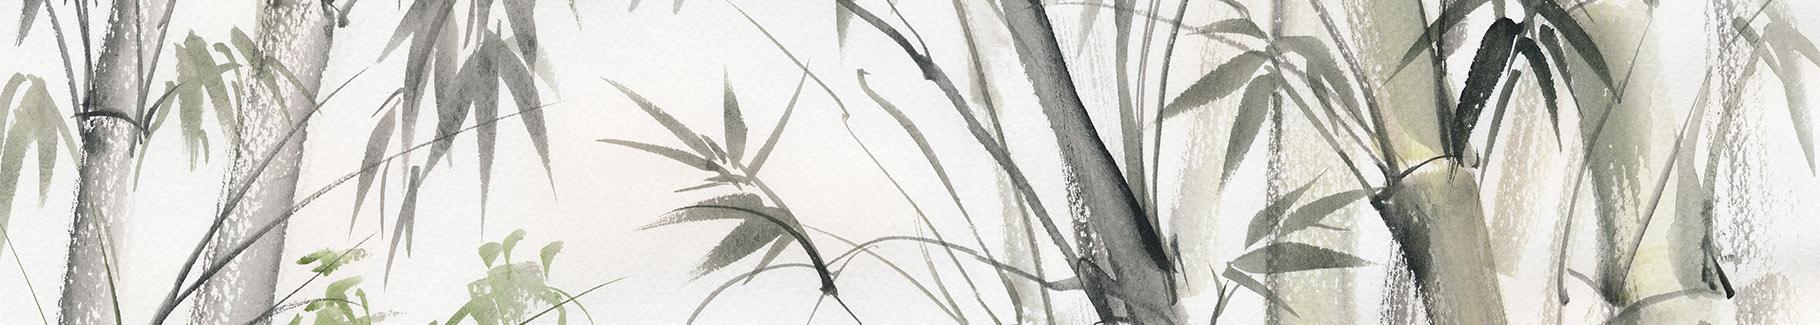 Fototapeta natura: bambusowy las